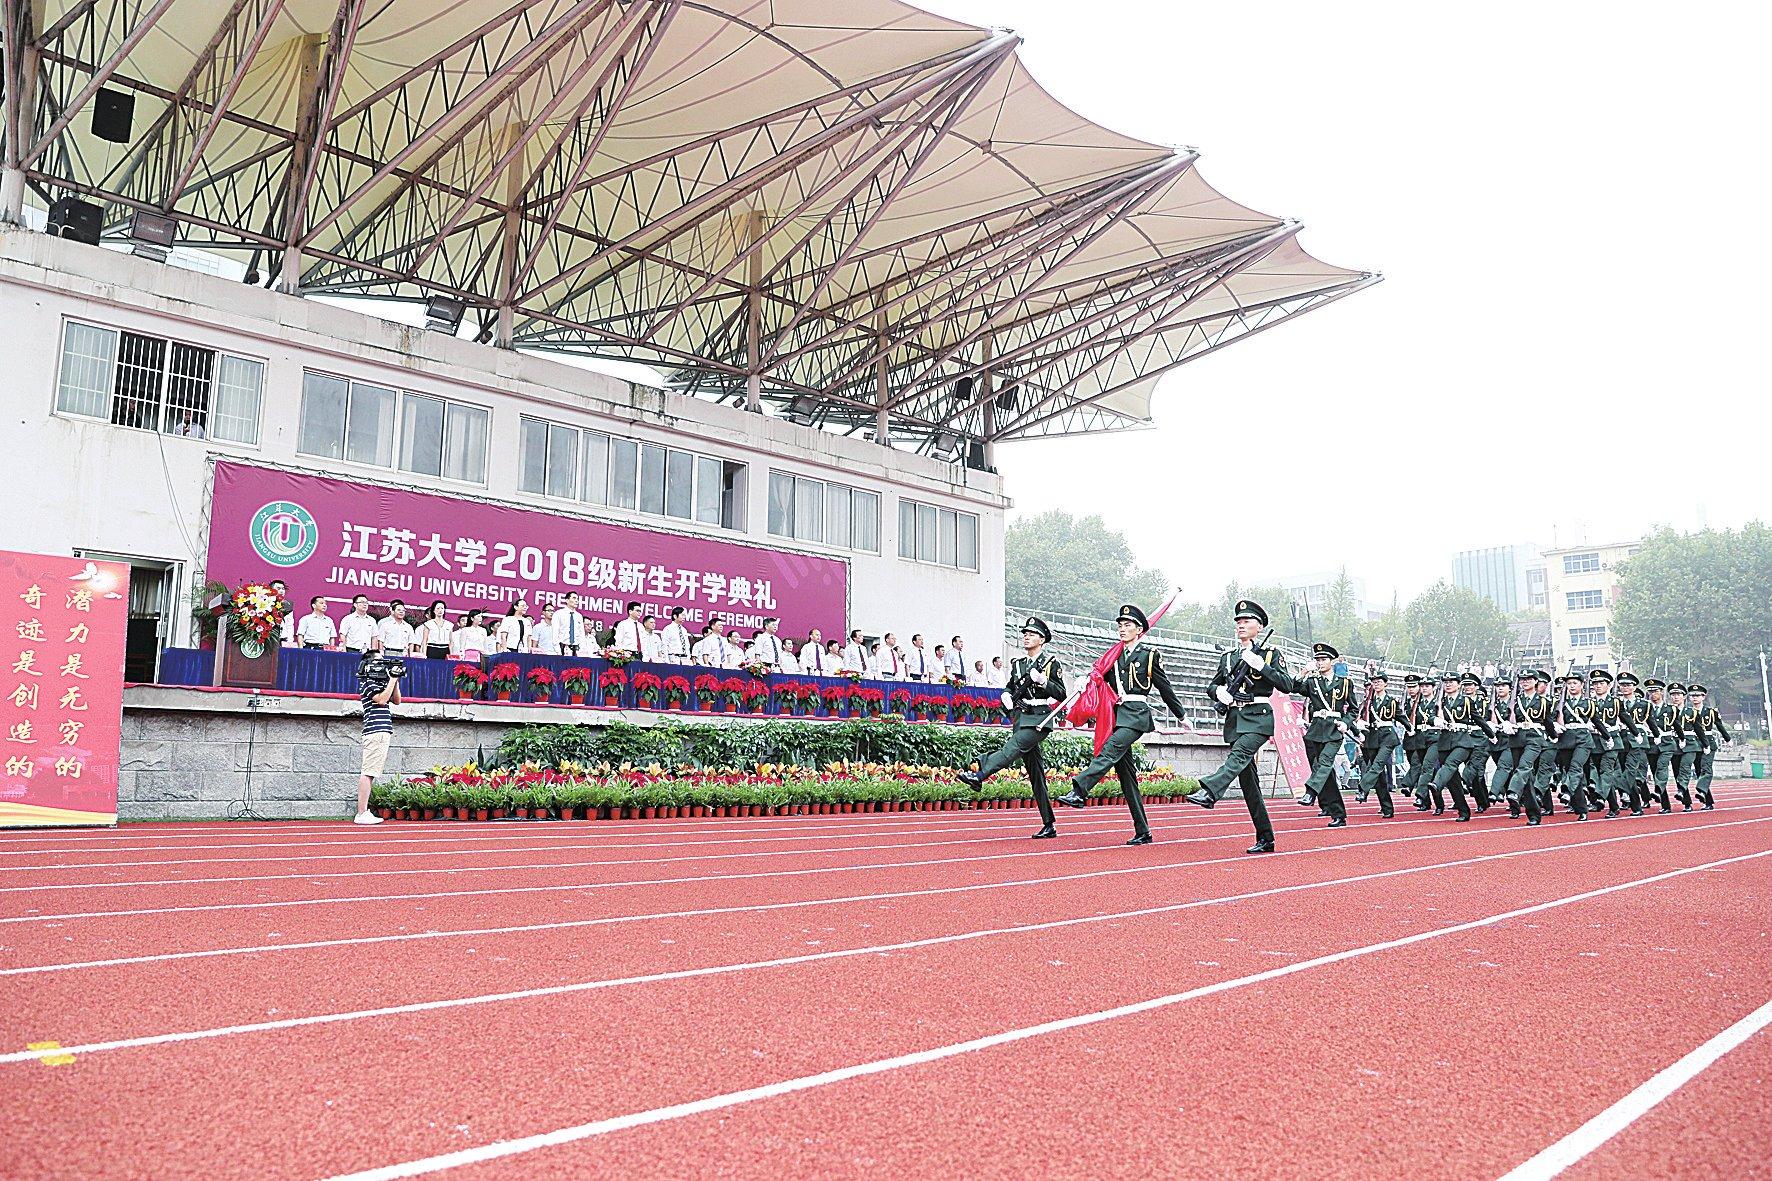 我校举行2018级新生开学典礼-江苏大学校报电子版